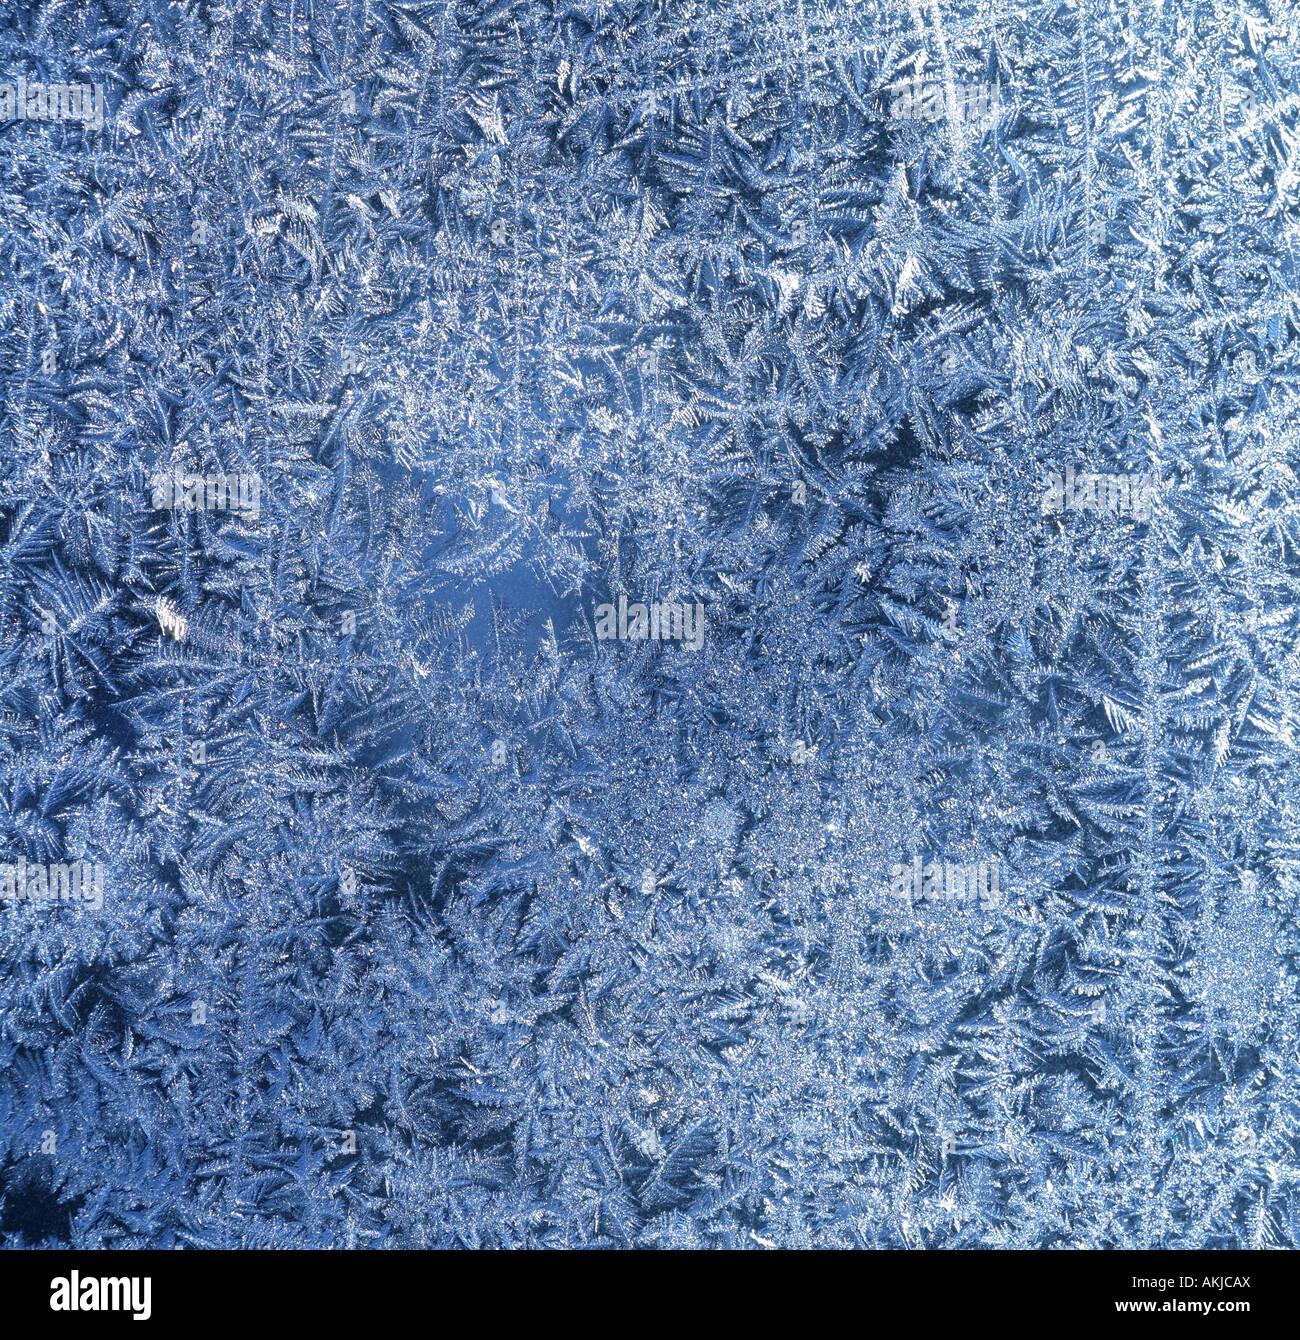 Escarcha textura #1 Imagen De Stock